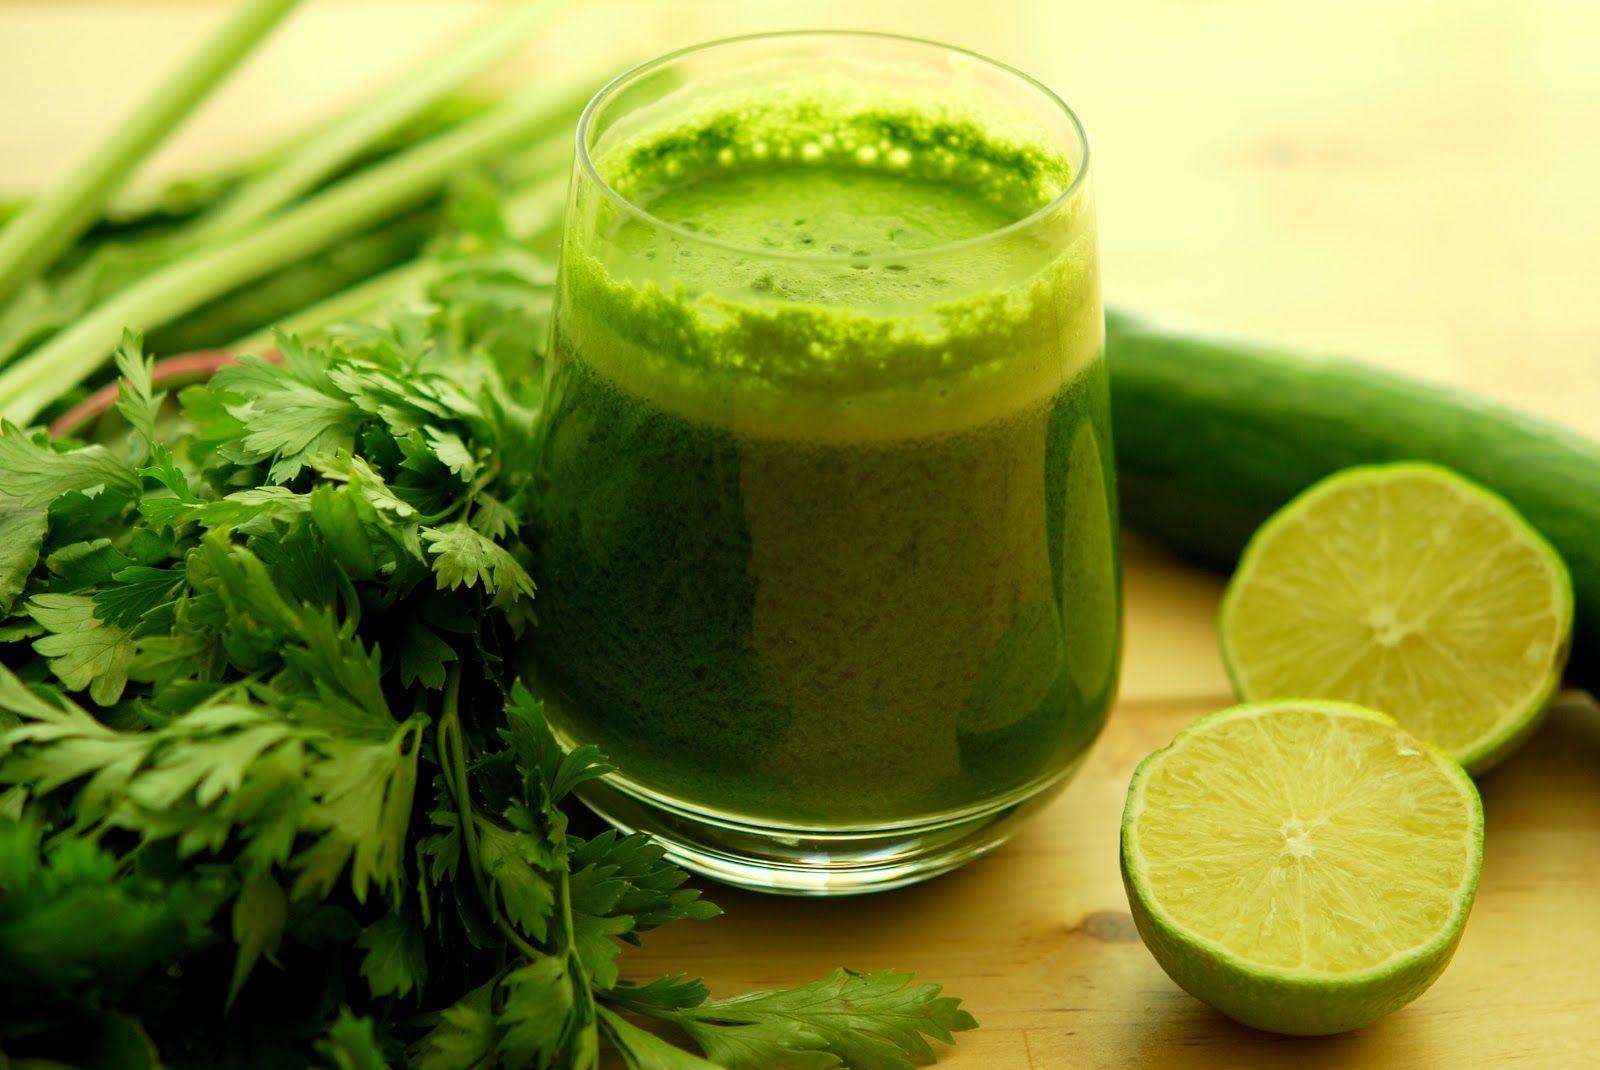 Receita: Suco Verde Detox, nutri, receitinhas, receita, dica, suco verde, couve, água de coco, abacaxi